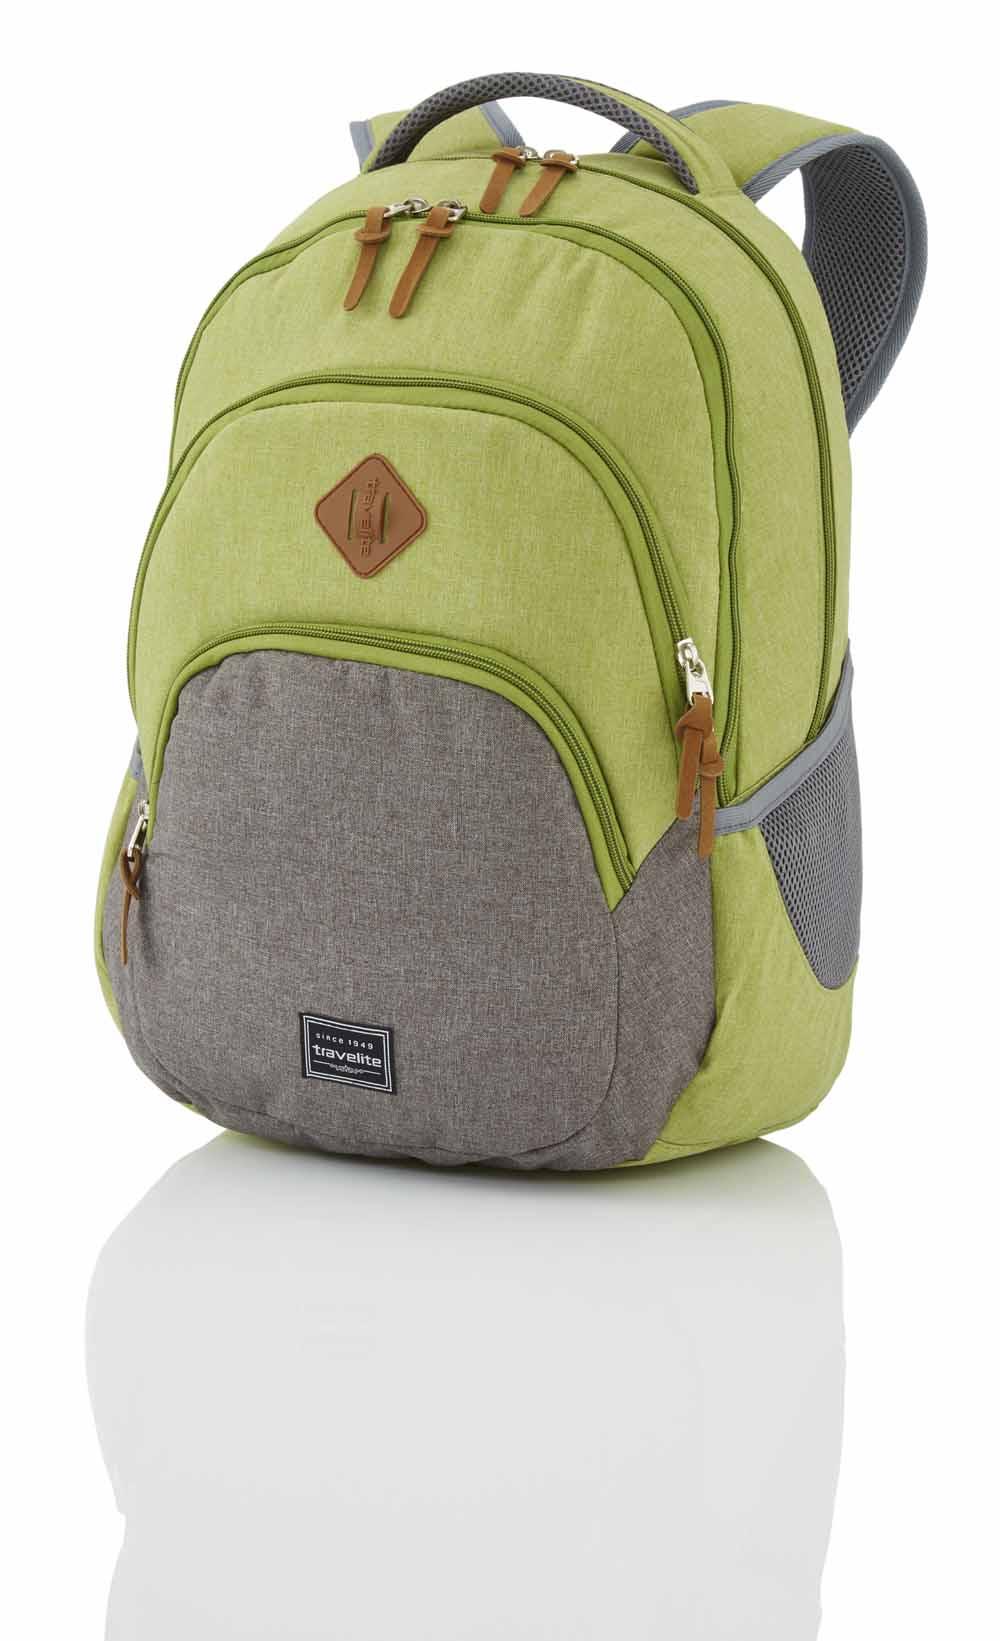 96308 TRAVELITE BASICS Plecak Uniwersalny 22L Grün/Grau, zdjęcie szczegółu